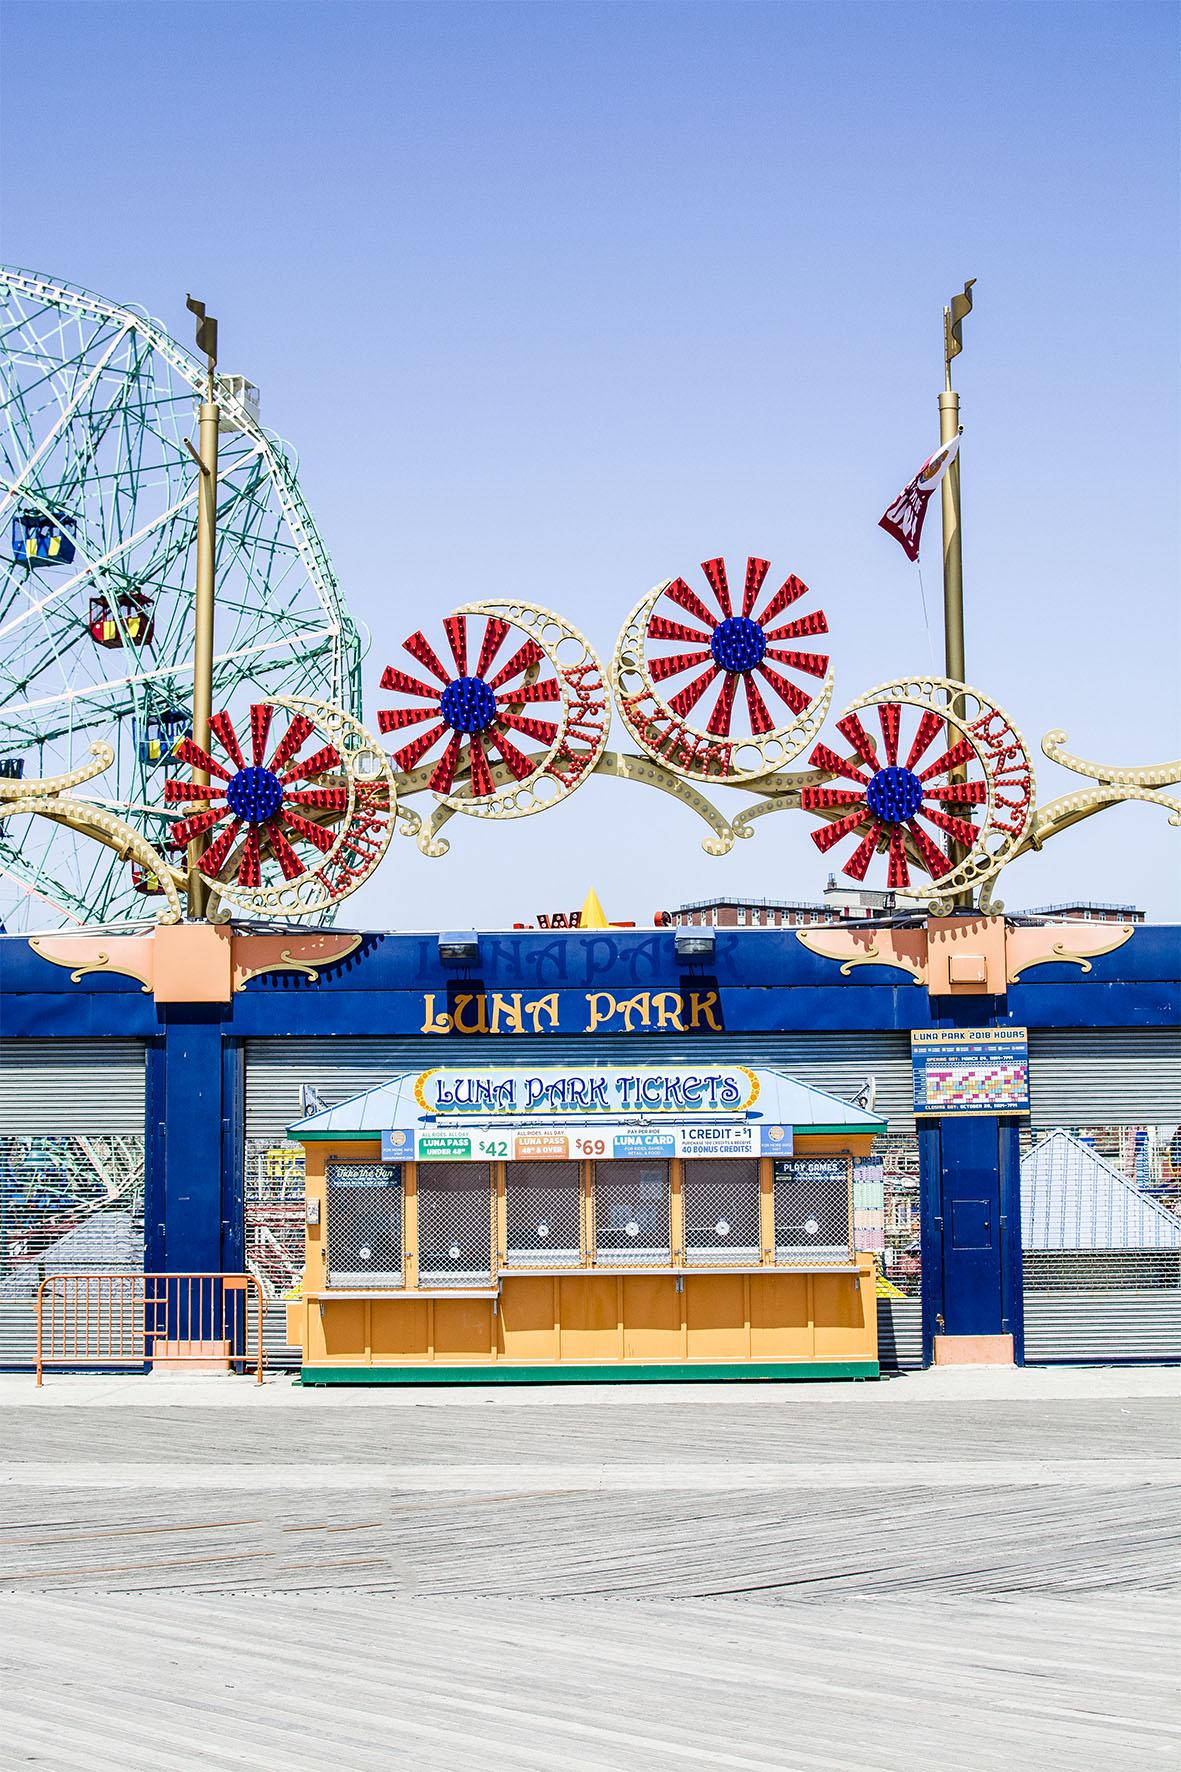 NYC ConeyIsland |Luna Park | chestnutandsage.de